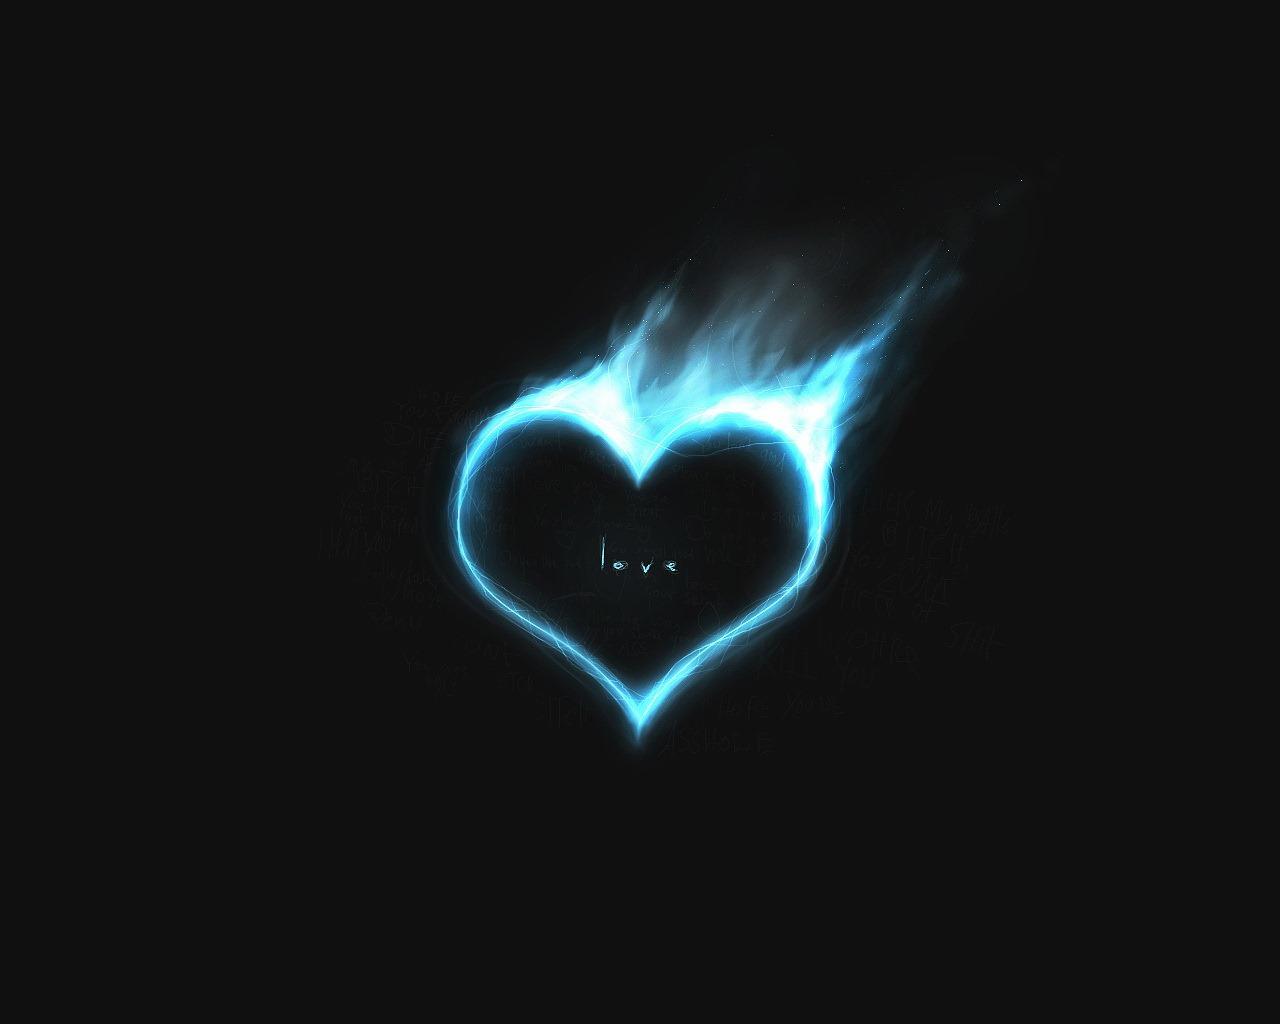 http://4.bp.blogspot.com/-rveZyOSM1O4/T9sHYA4bVTI/AAAAAAAACB8/WzBuAjKqSv4/s1600/love-desktop-wallpaper-111.jpg